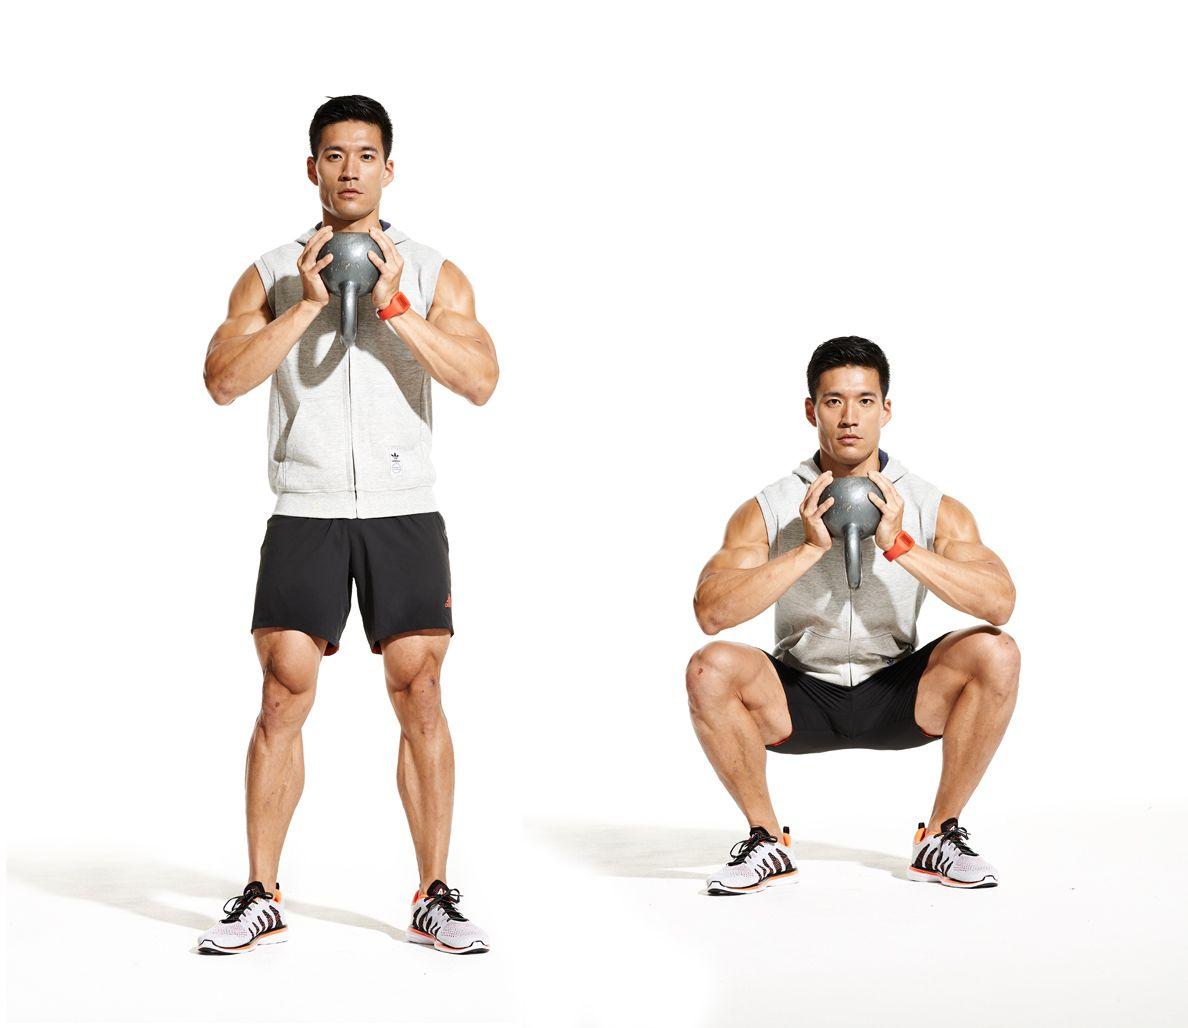 Kettlebell Workout For Men: Goblet Squat Core Kettlebell Workout